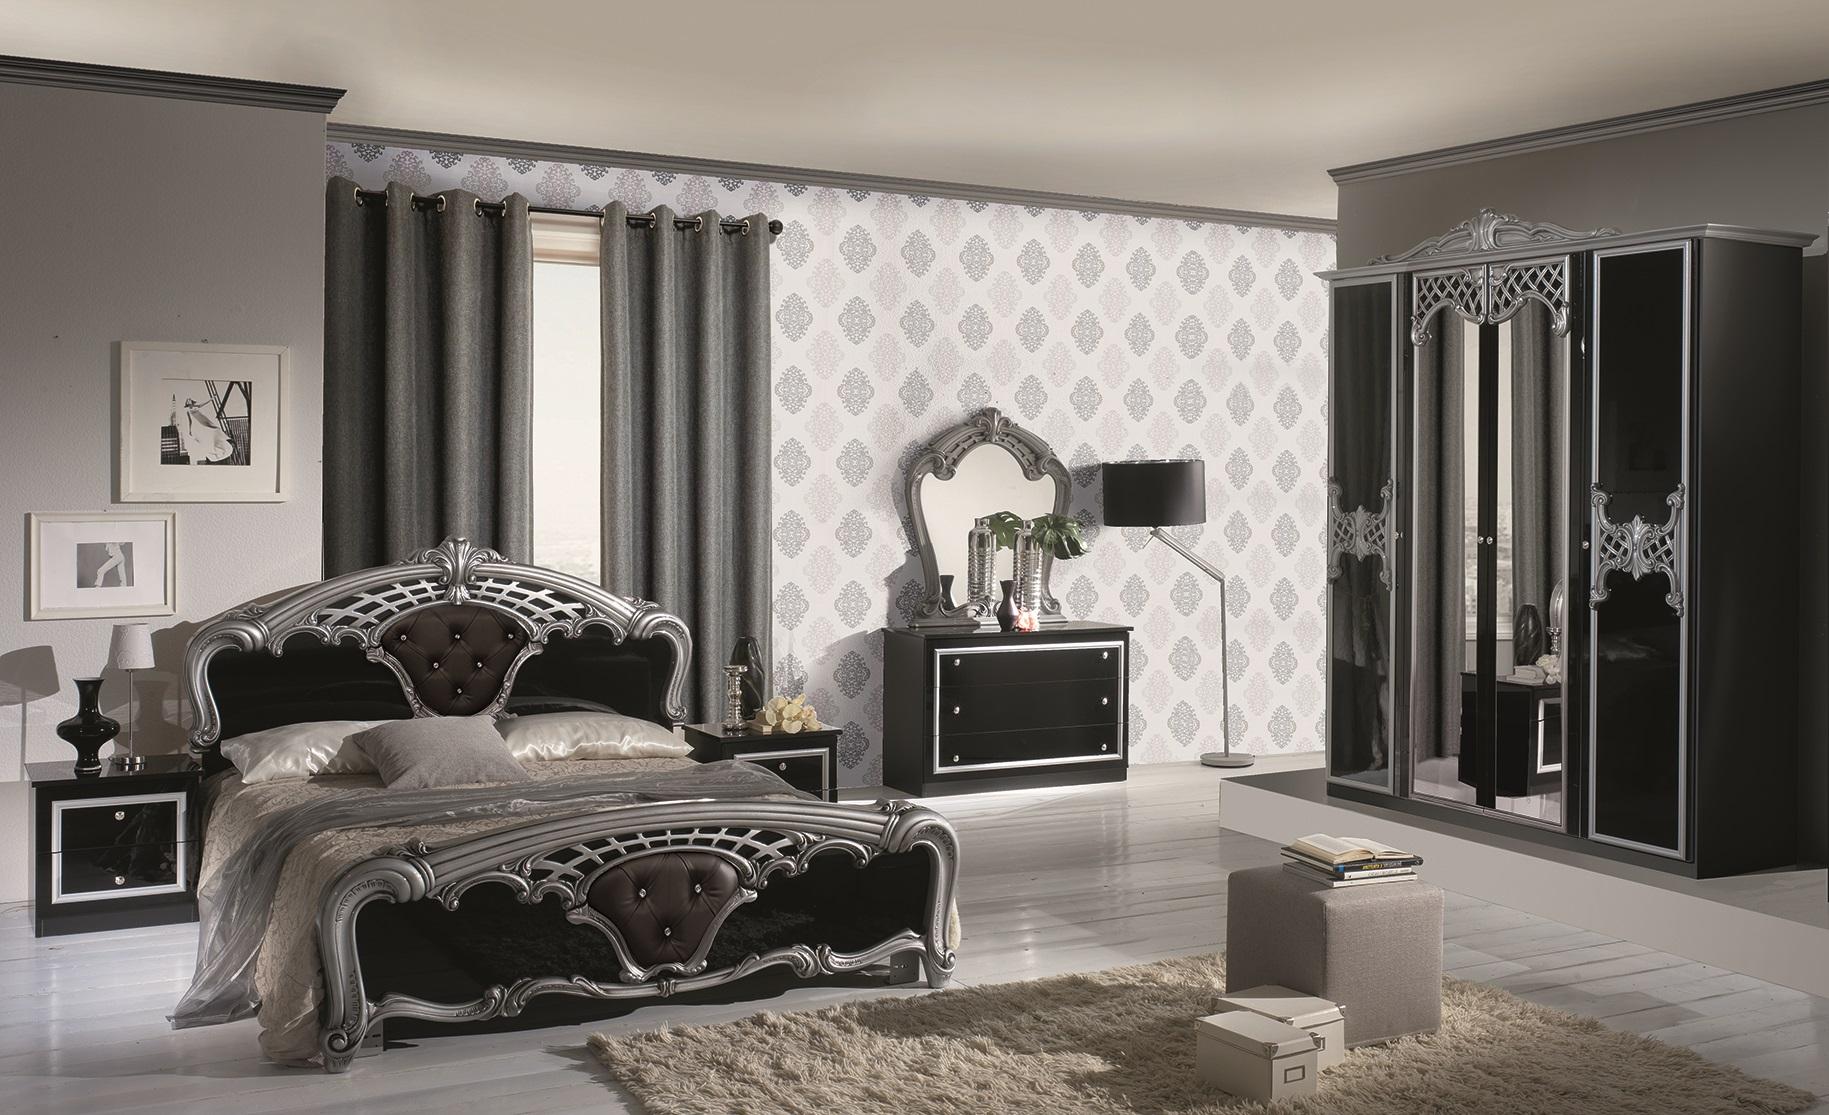 Schlafzimmer Elisa in schwarz Gold 6 türig Luxus italienische-DH-EV ...